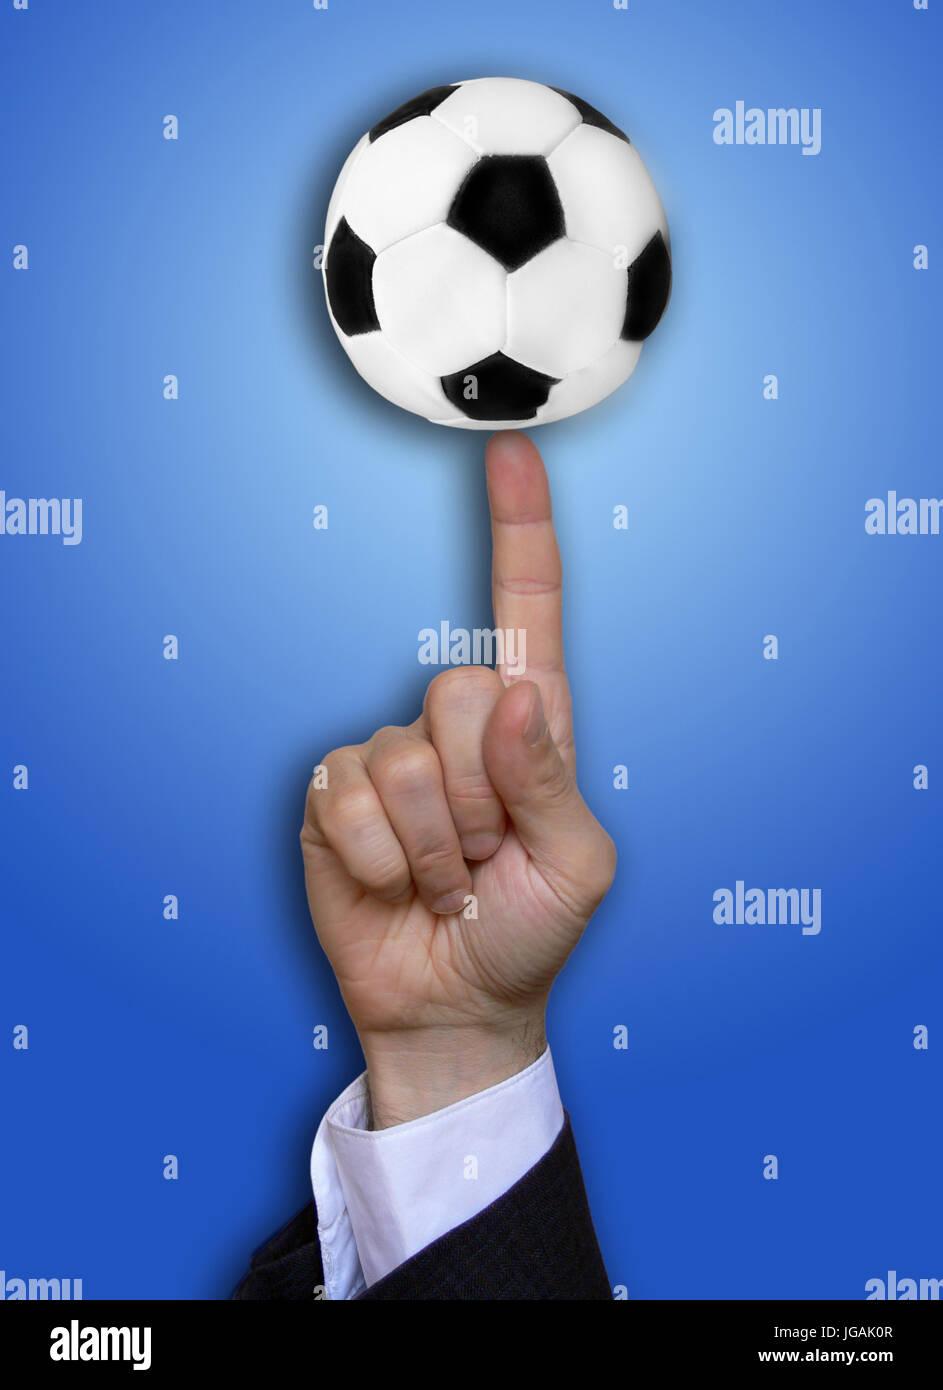 Man mano con il dito tenendo una piccola sfera, soccer concetto aziendale Immagini Stock